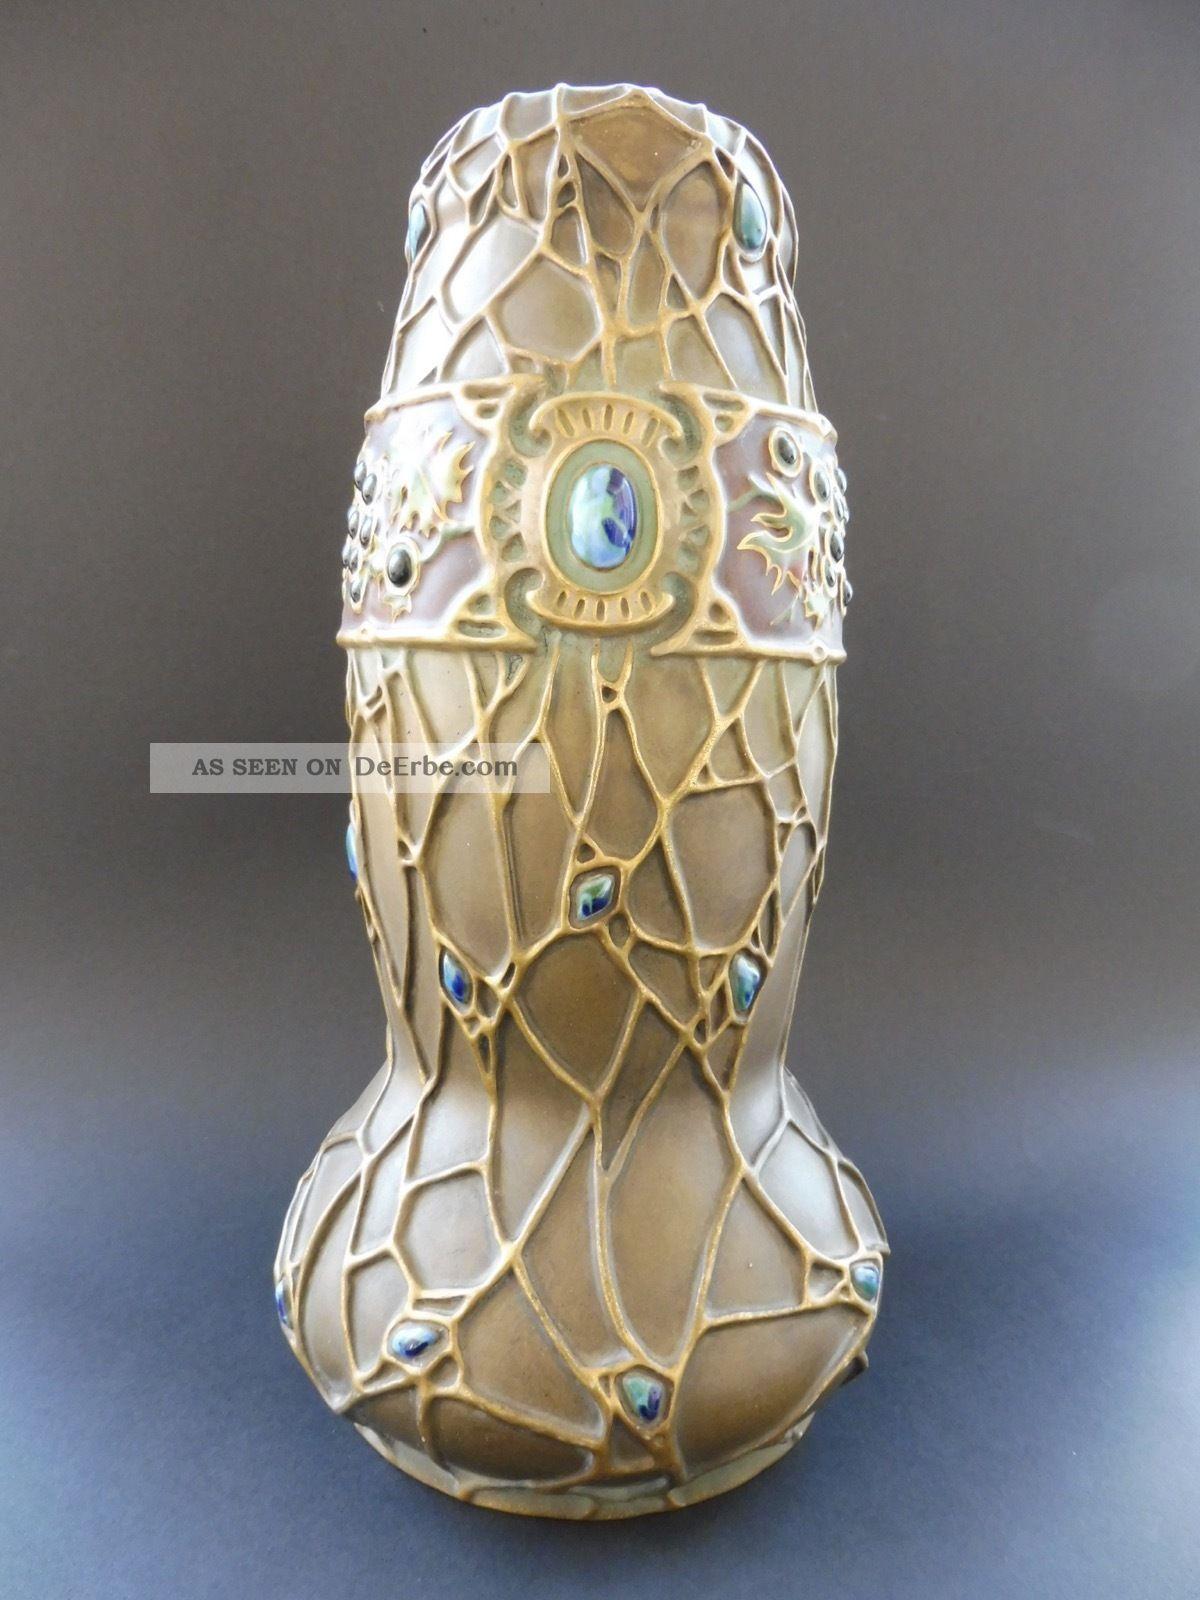 :: Ernst Wahliss Paul Dachsel Terex Austria Jugendstil Vase Art Nouveau Amphora 1890-1919, Jugendstil Bild